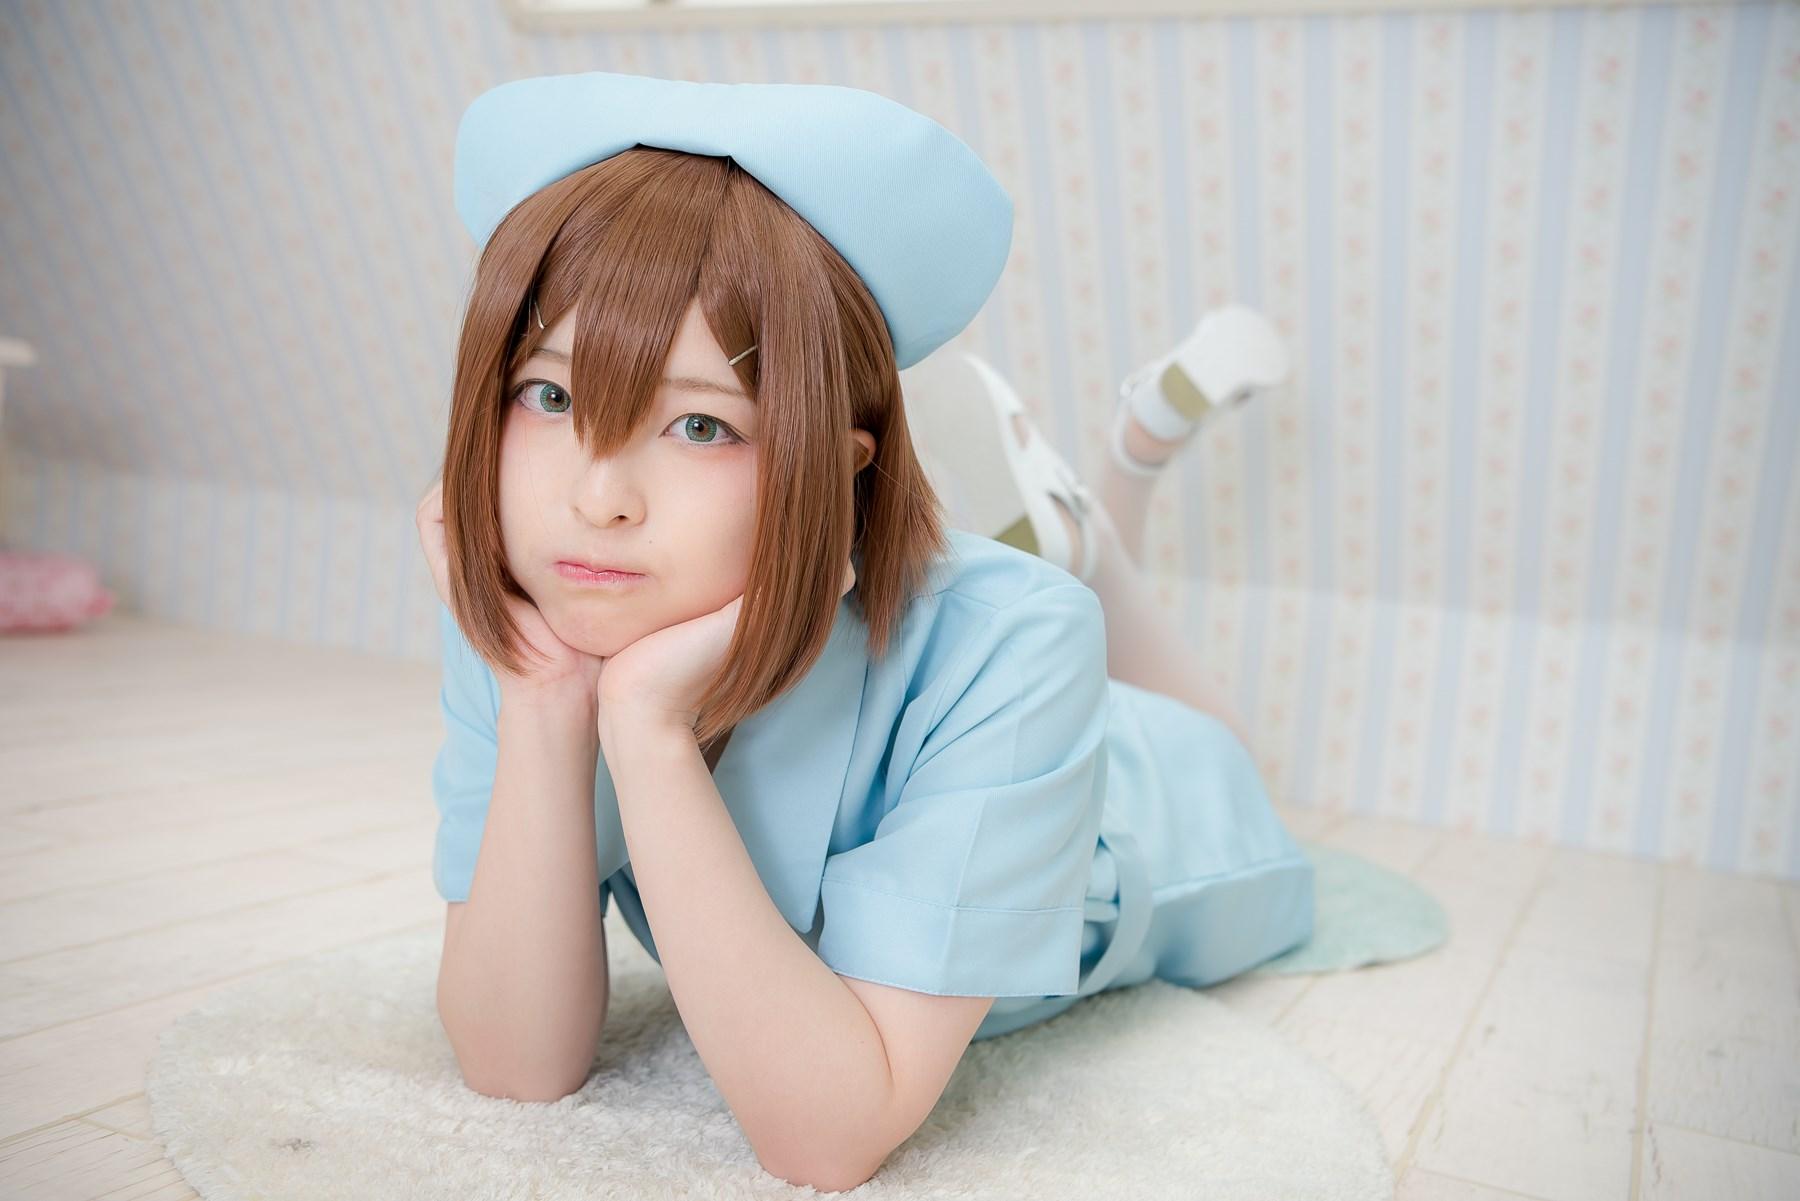 【兔玩映画】实习小护士 兔玩映画 第28张